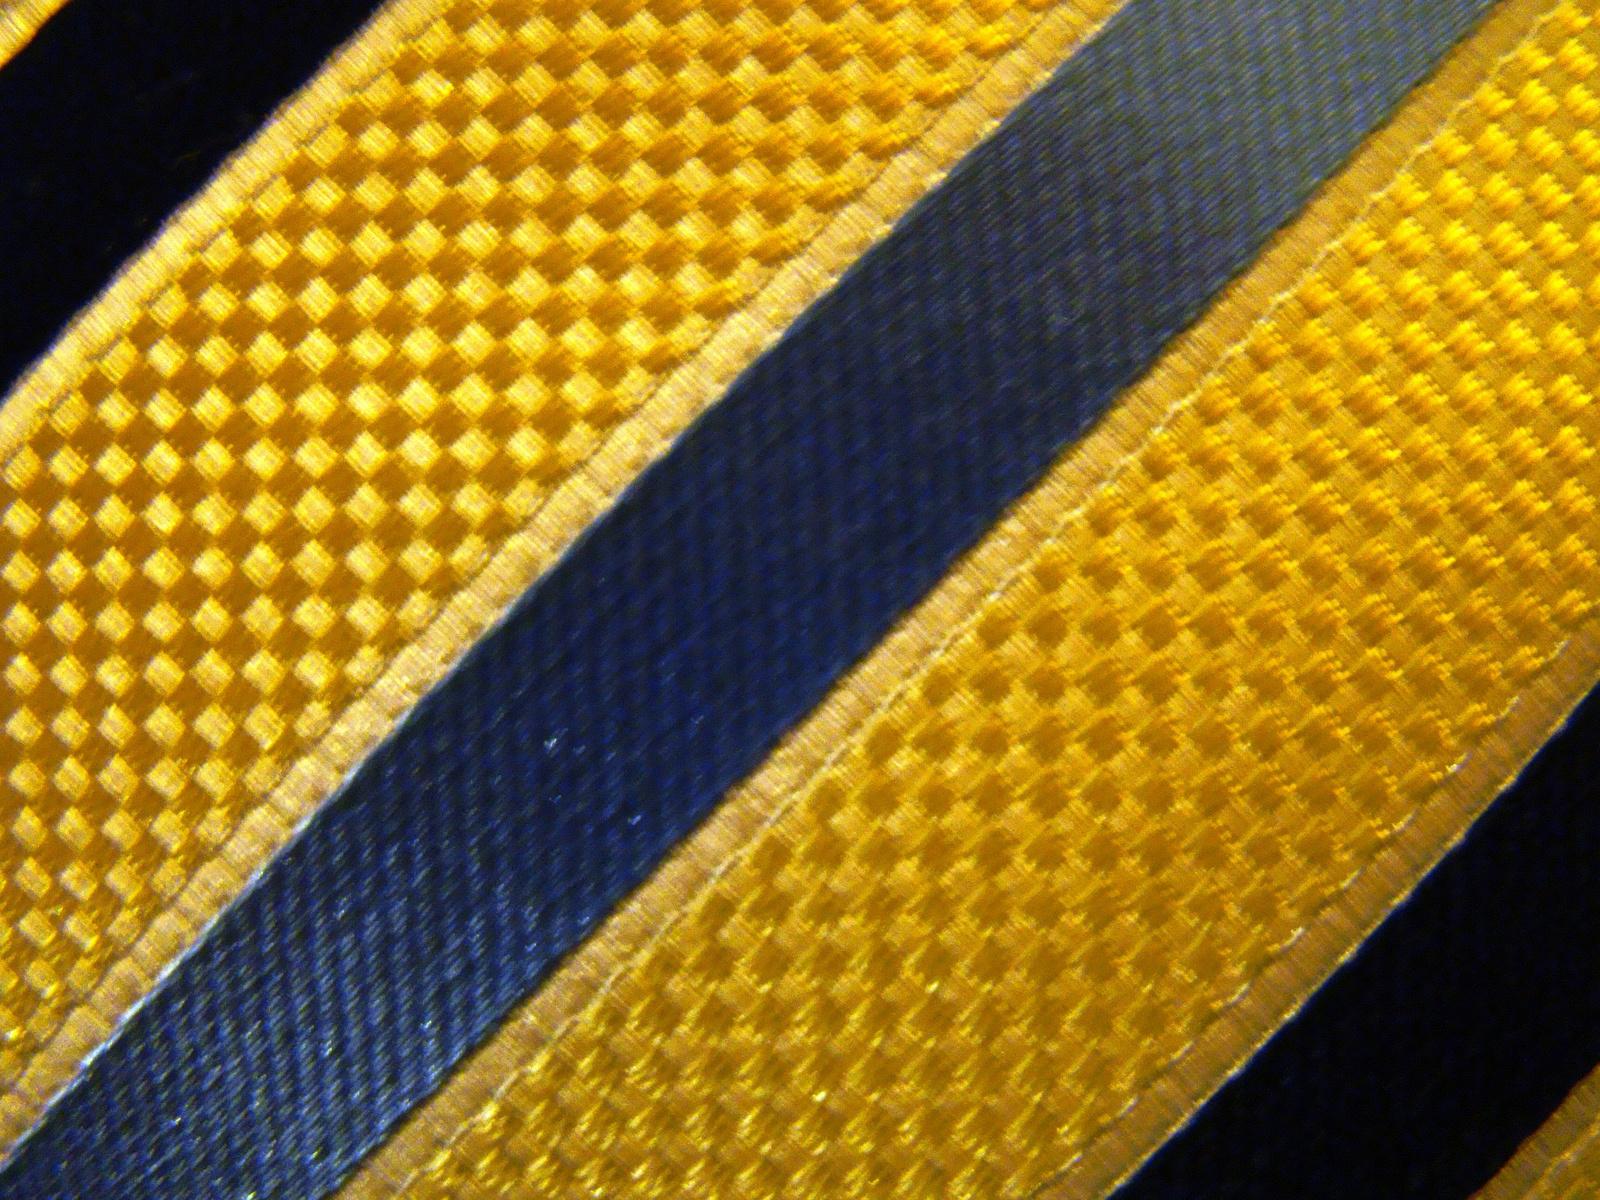 A nyakkendő